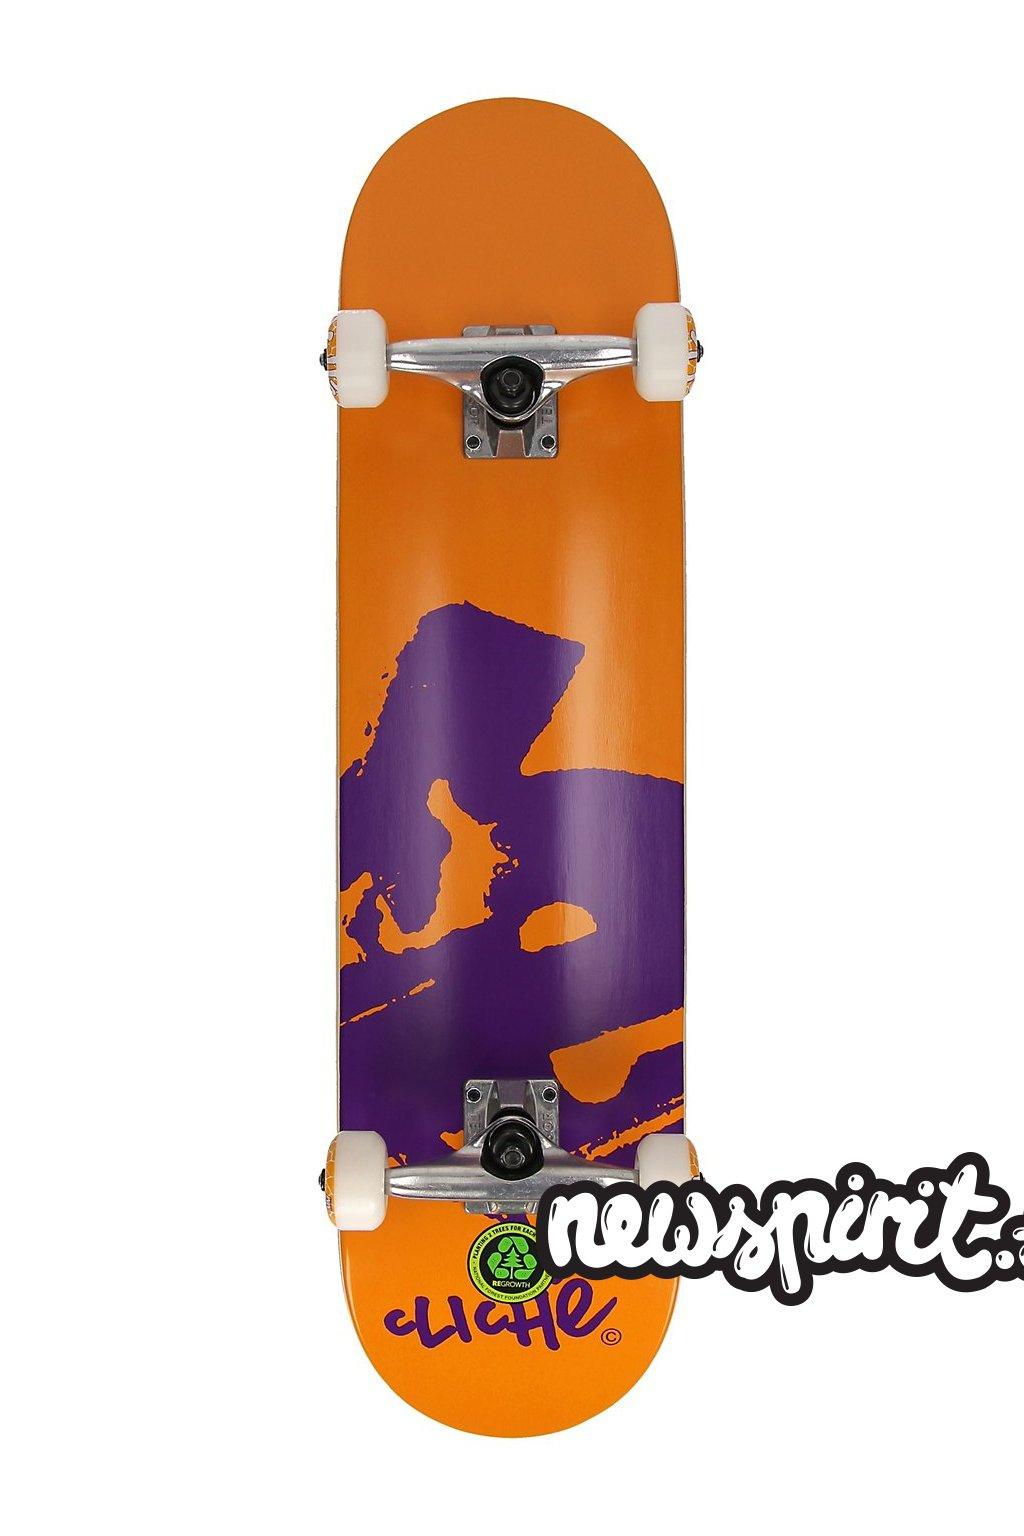 Skateboard Cliche Europe FP 7.875 Complete orange